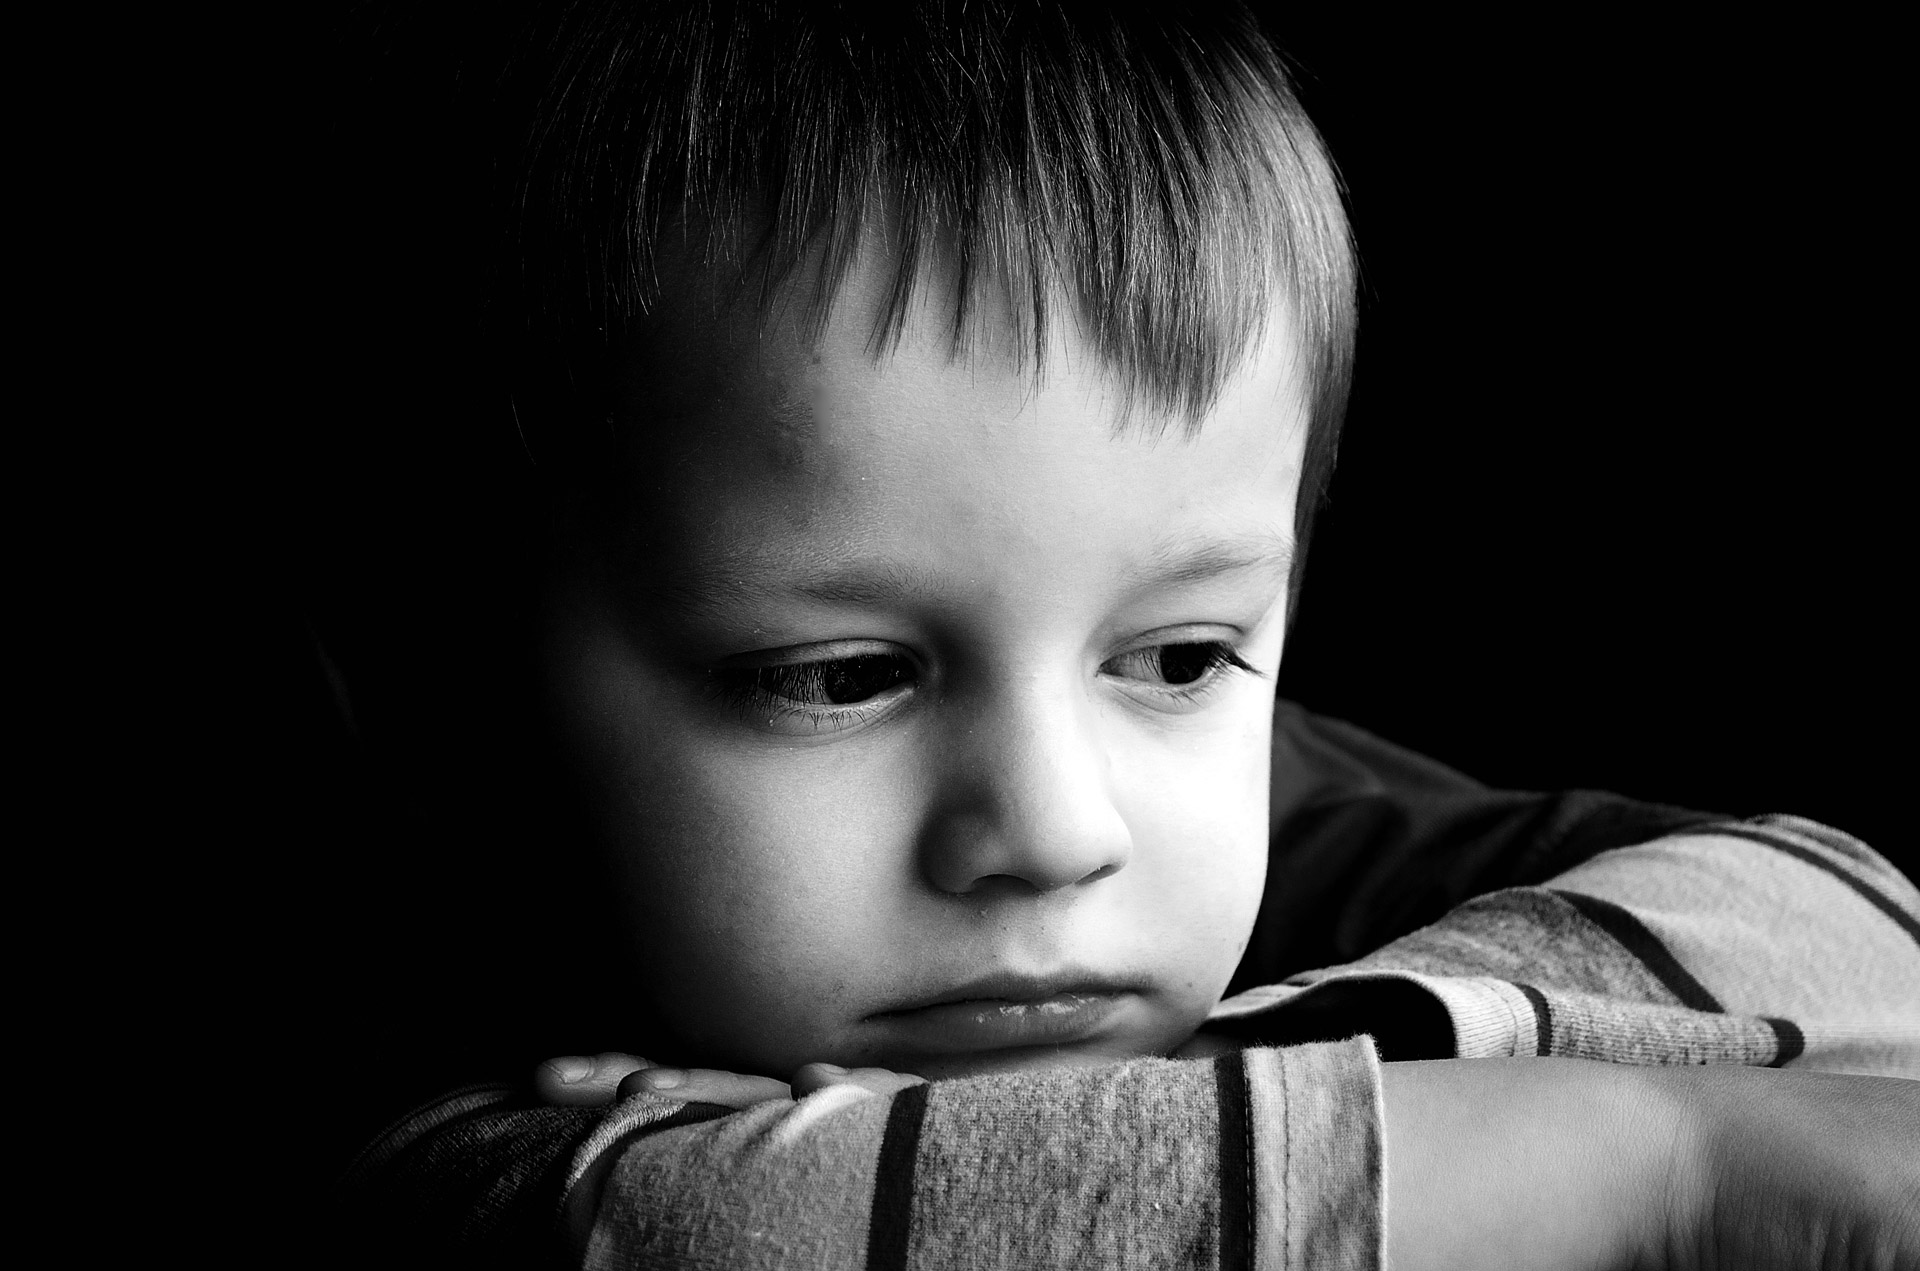 بالصور صور واتس حزينه , عبر عن حزنك في الواتس اب بصور مؤثرة 3376 3